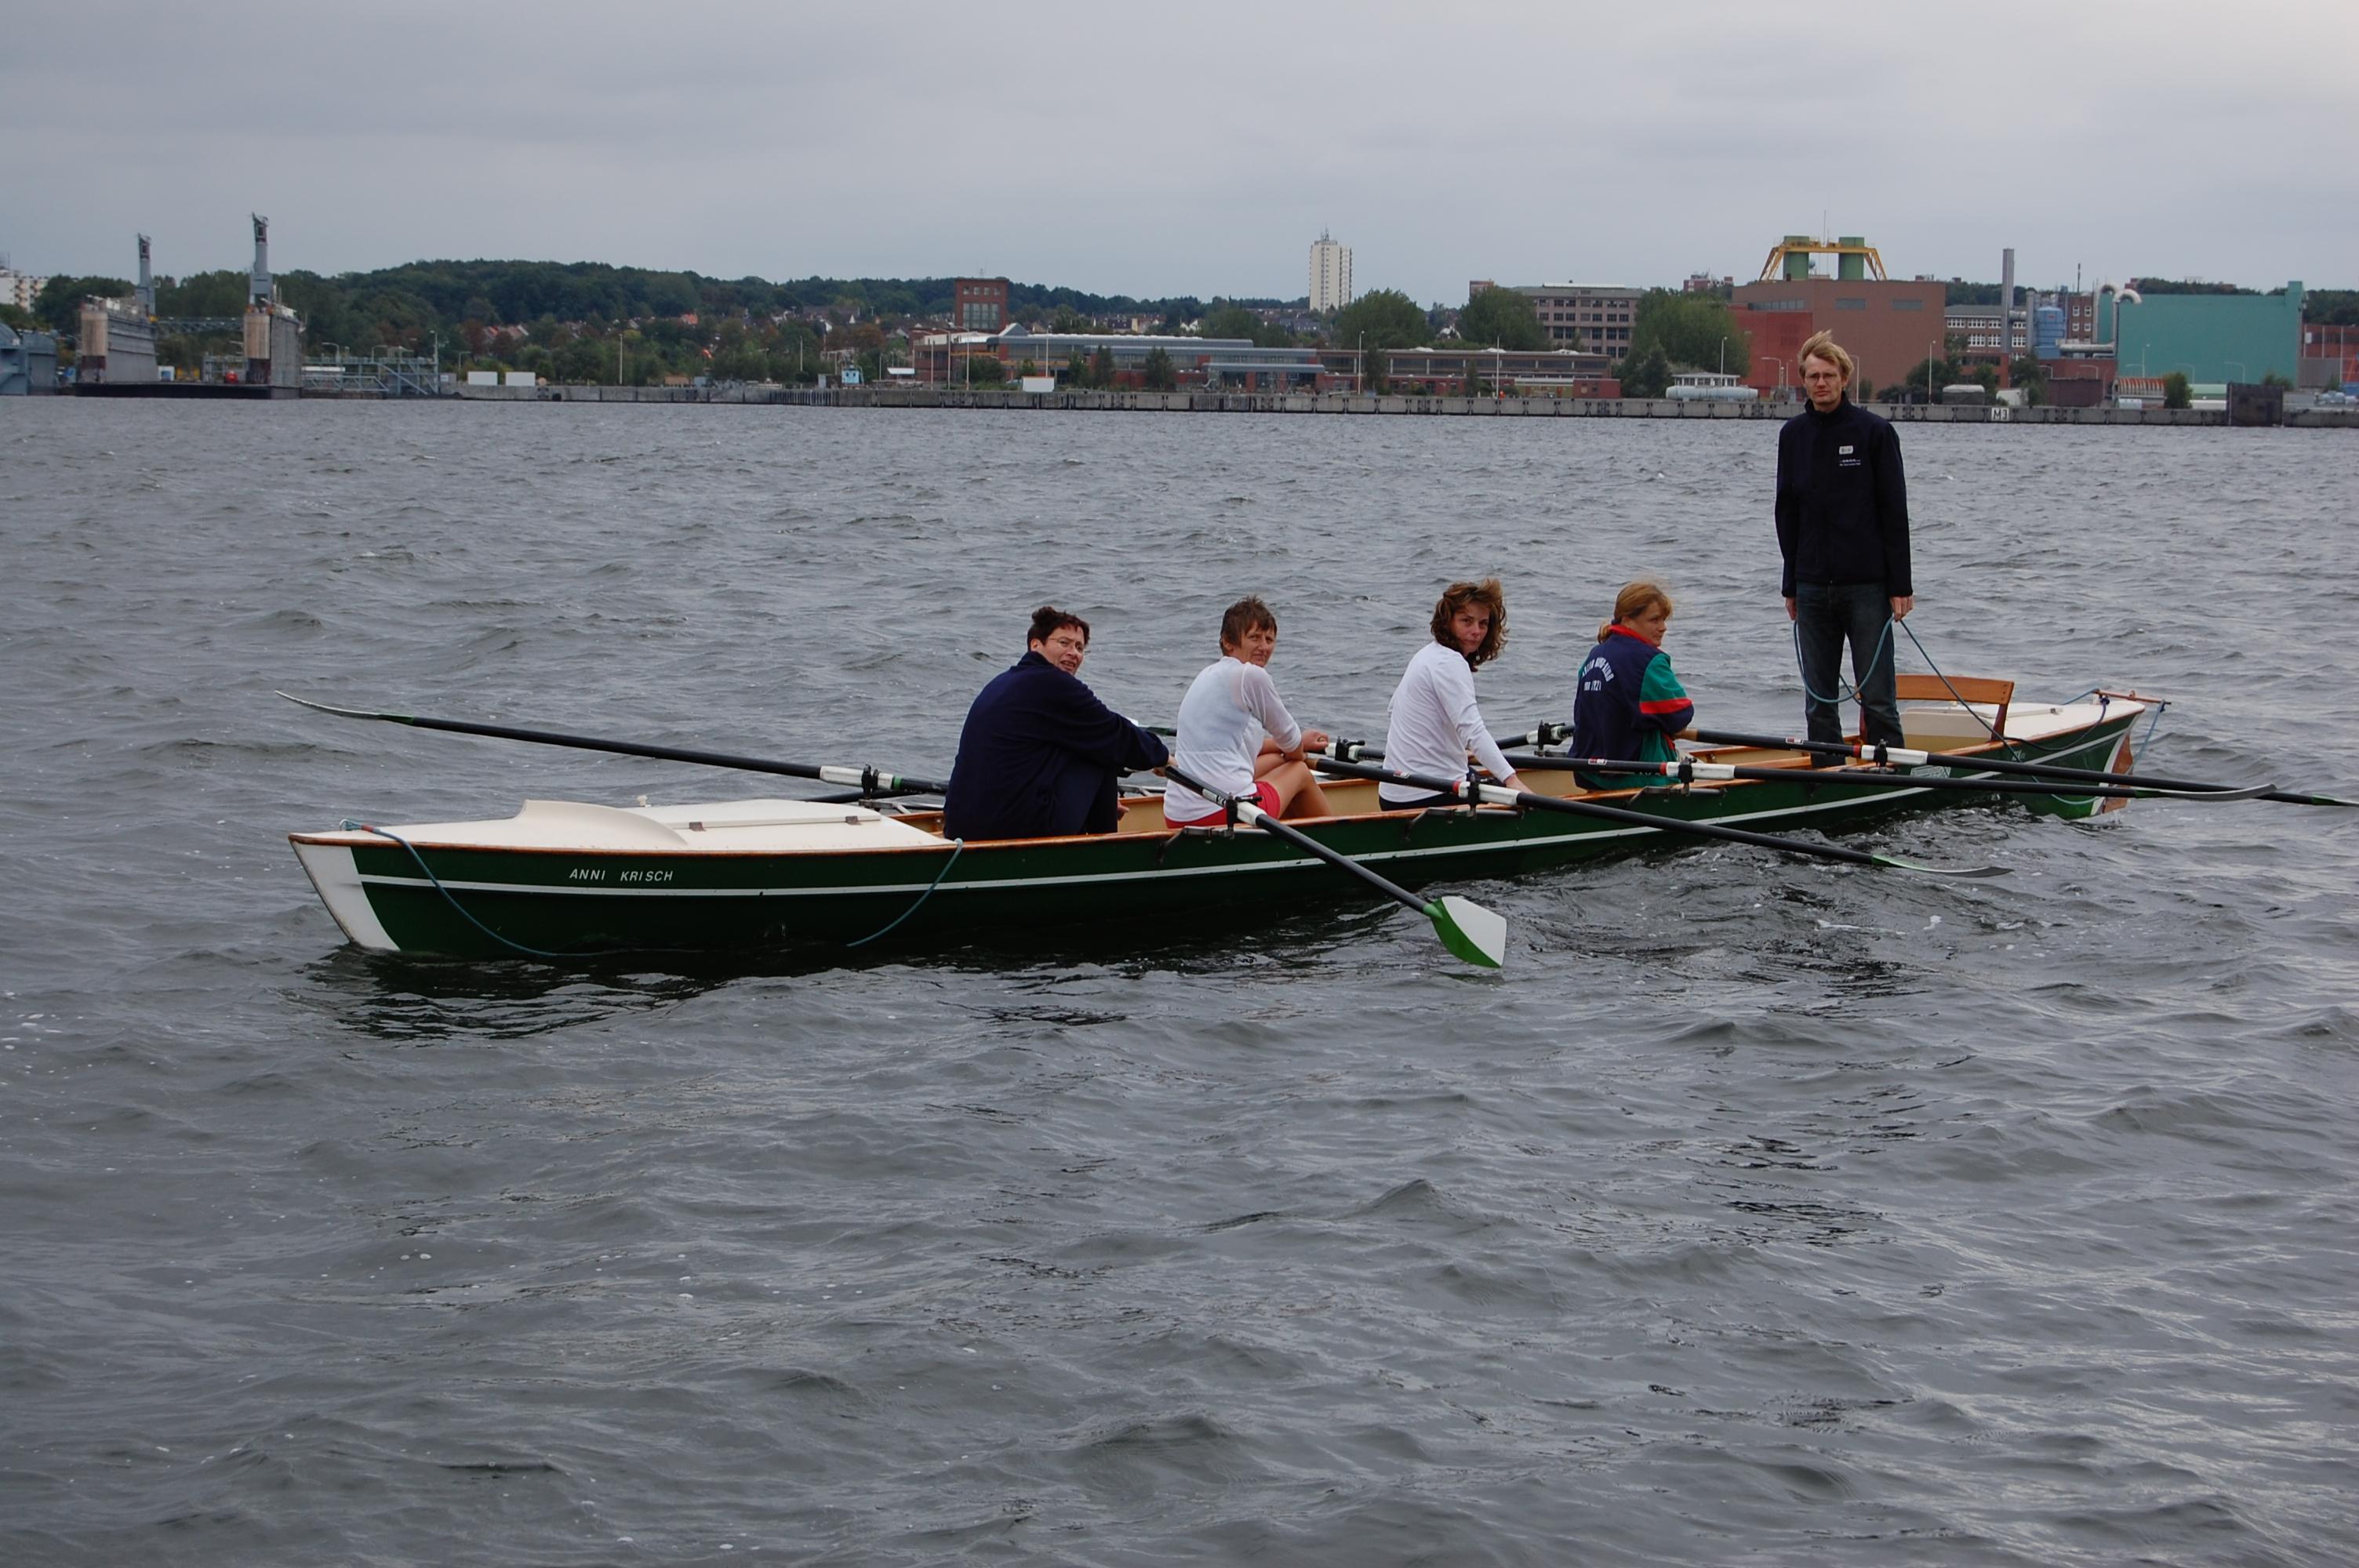 Übungsleiter vermittelt im Ruderboot stehend vier Ruderern die Ruder-Technik